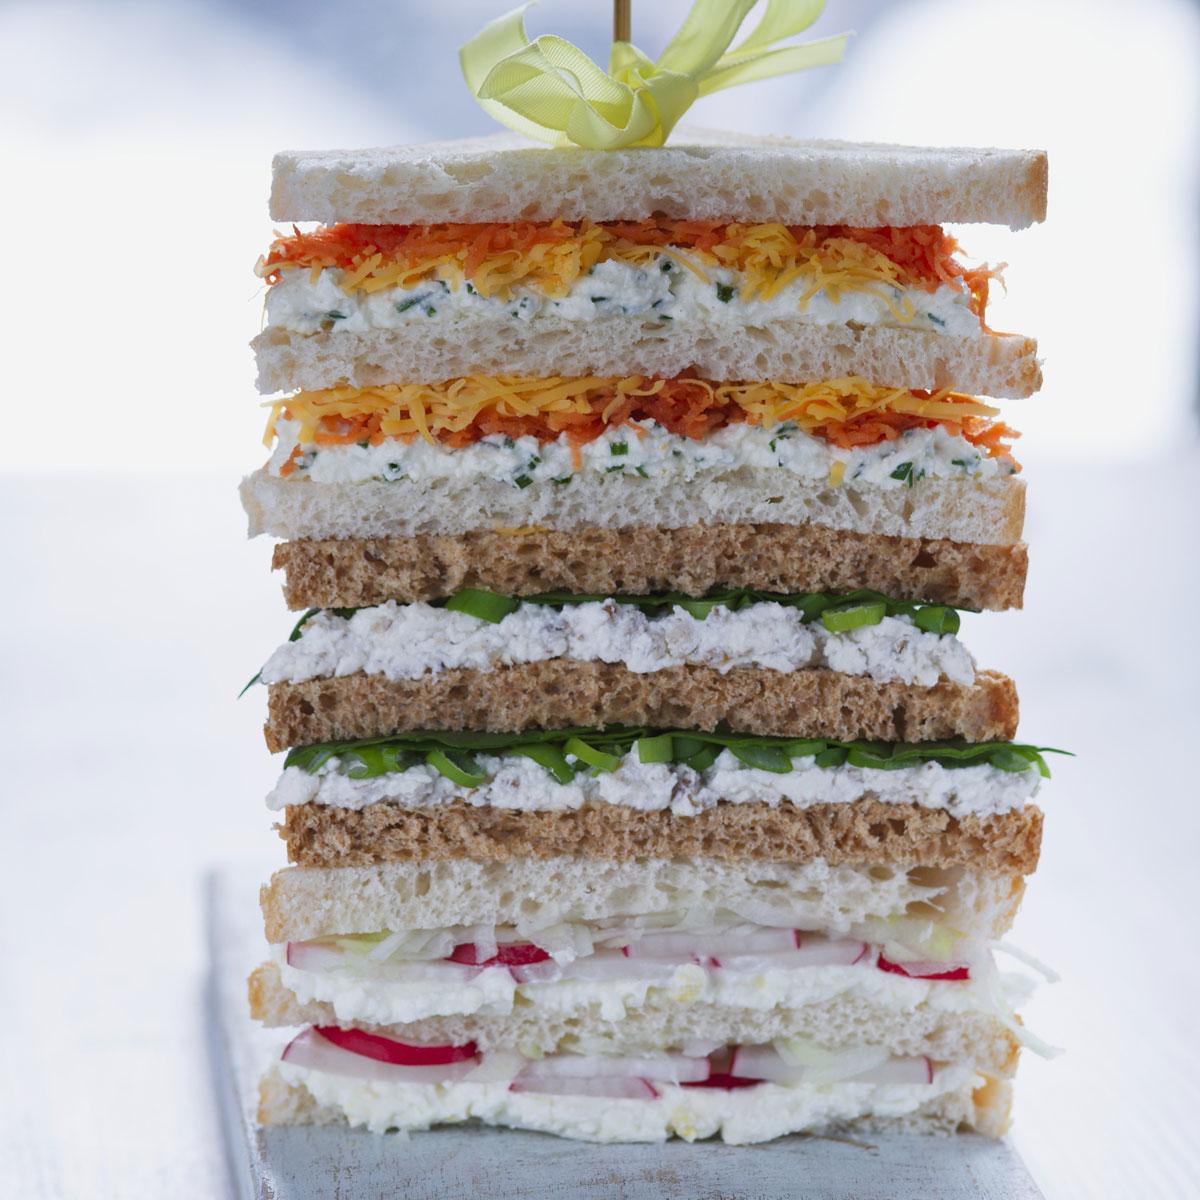 Los mejores sandwiches curso de cocina de la escuela de cocina telva - Los mejores cursos de cocina en madrid ...